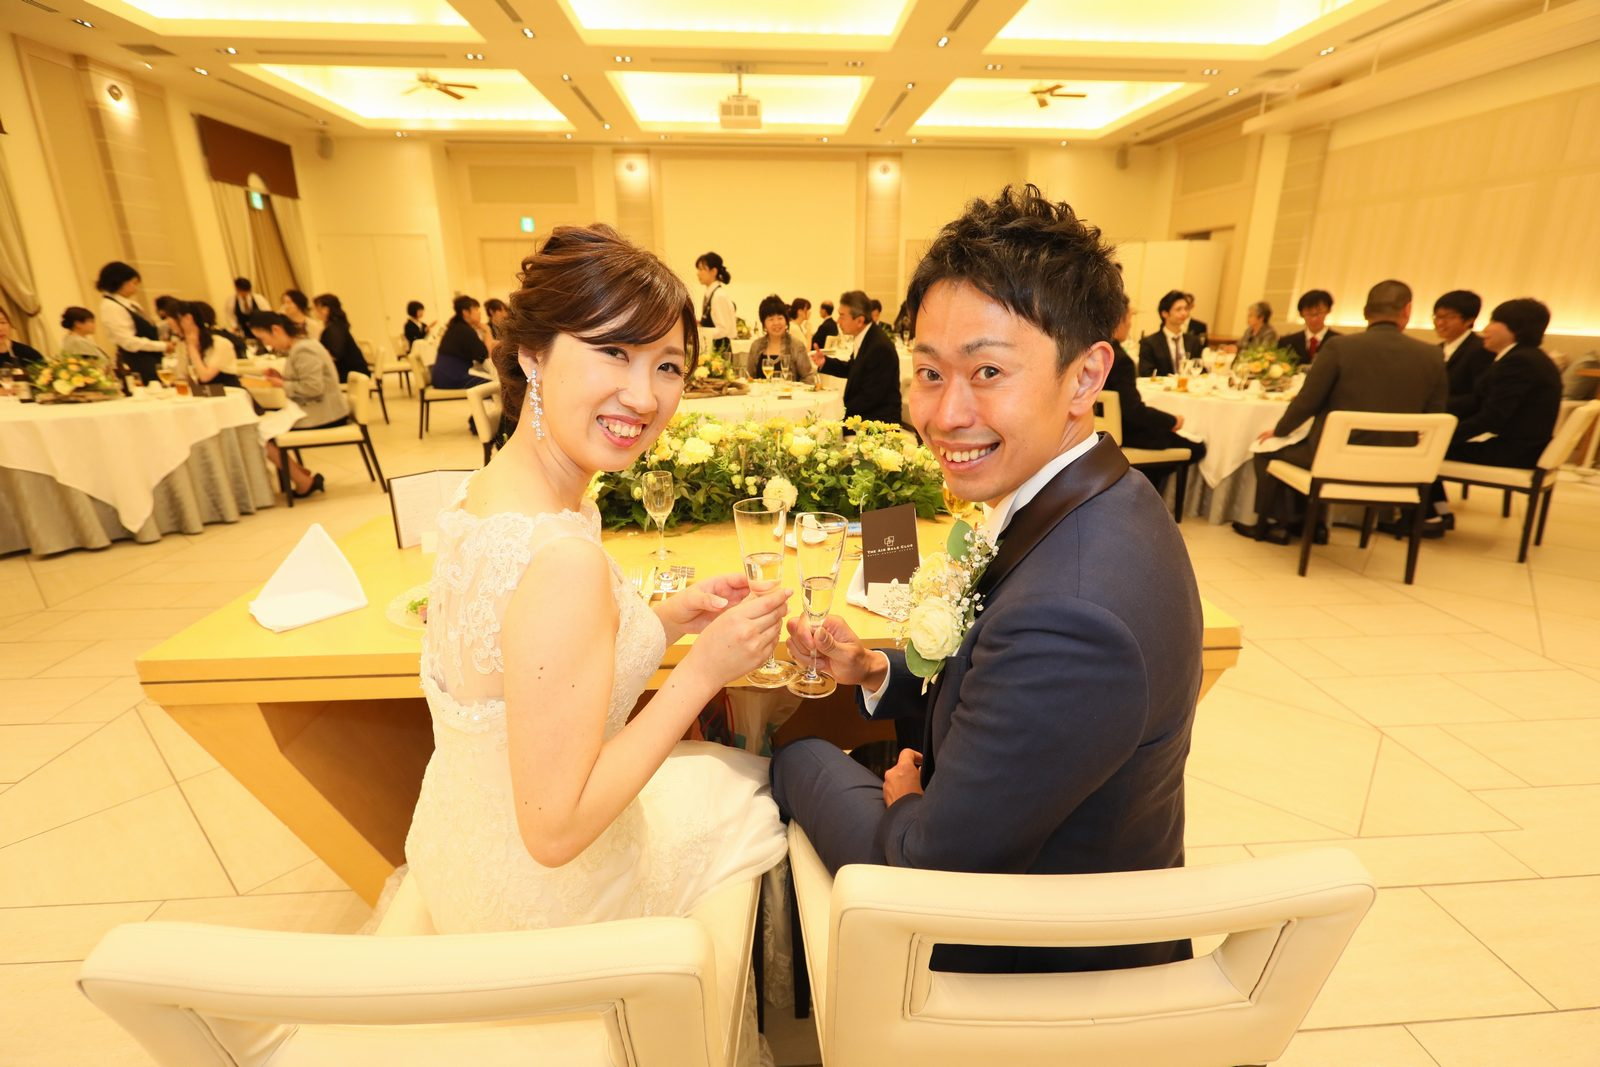 高松市の結婚式場アイルバレクラブの披露宴 新郎様新婦様で仲良く乾杯♪